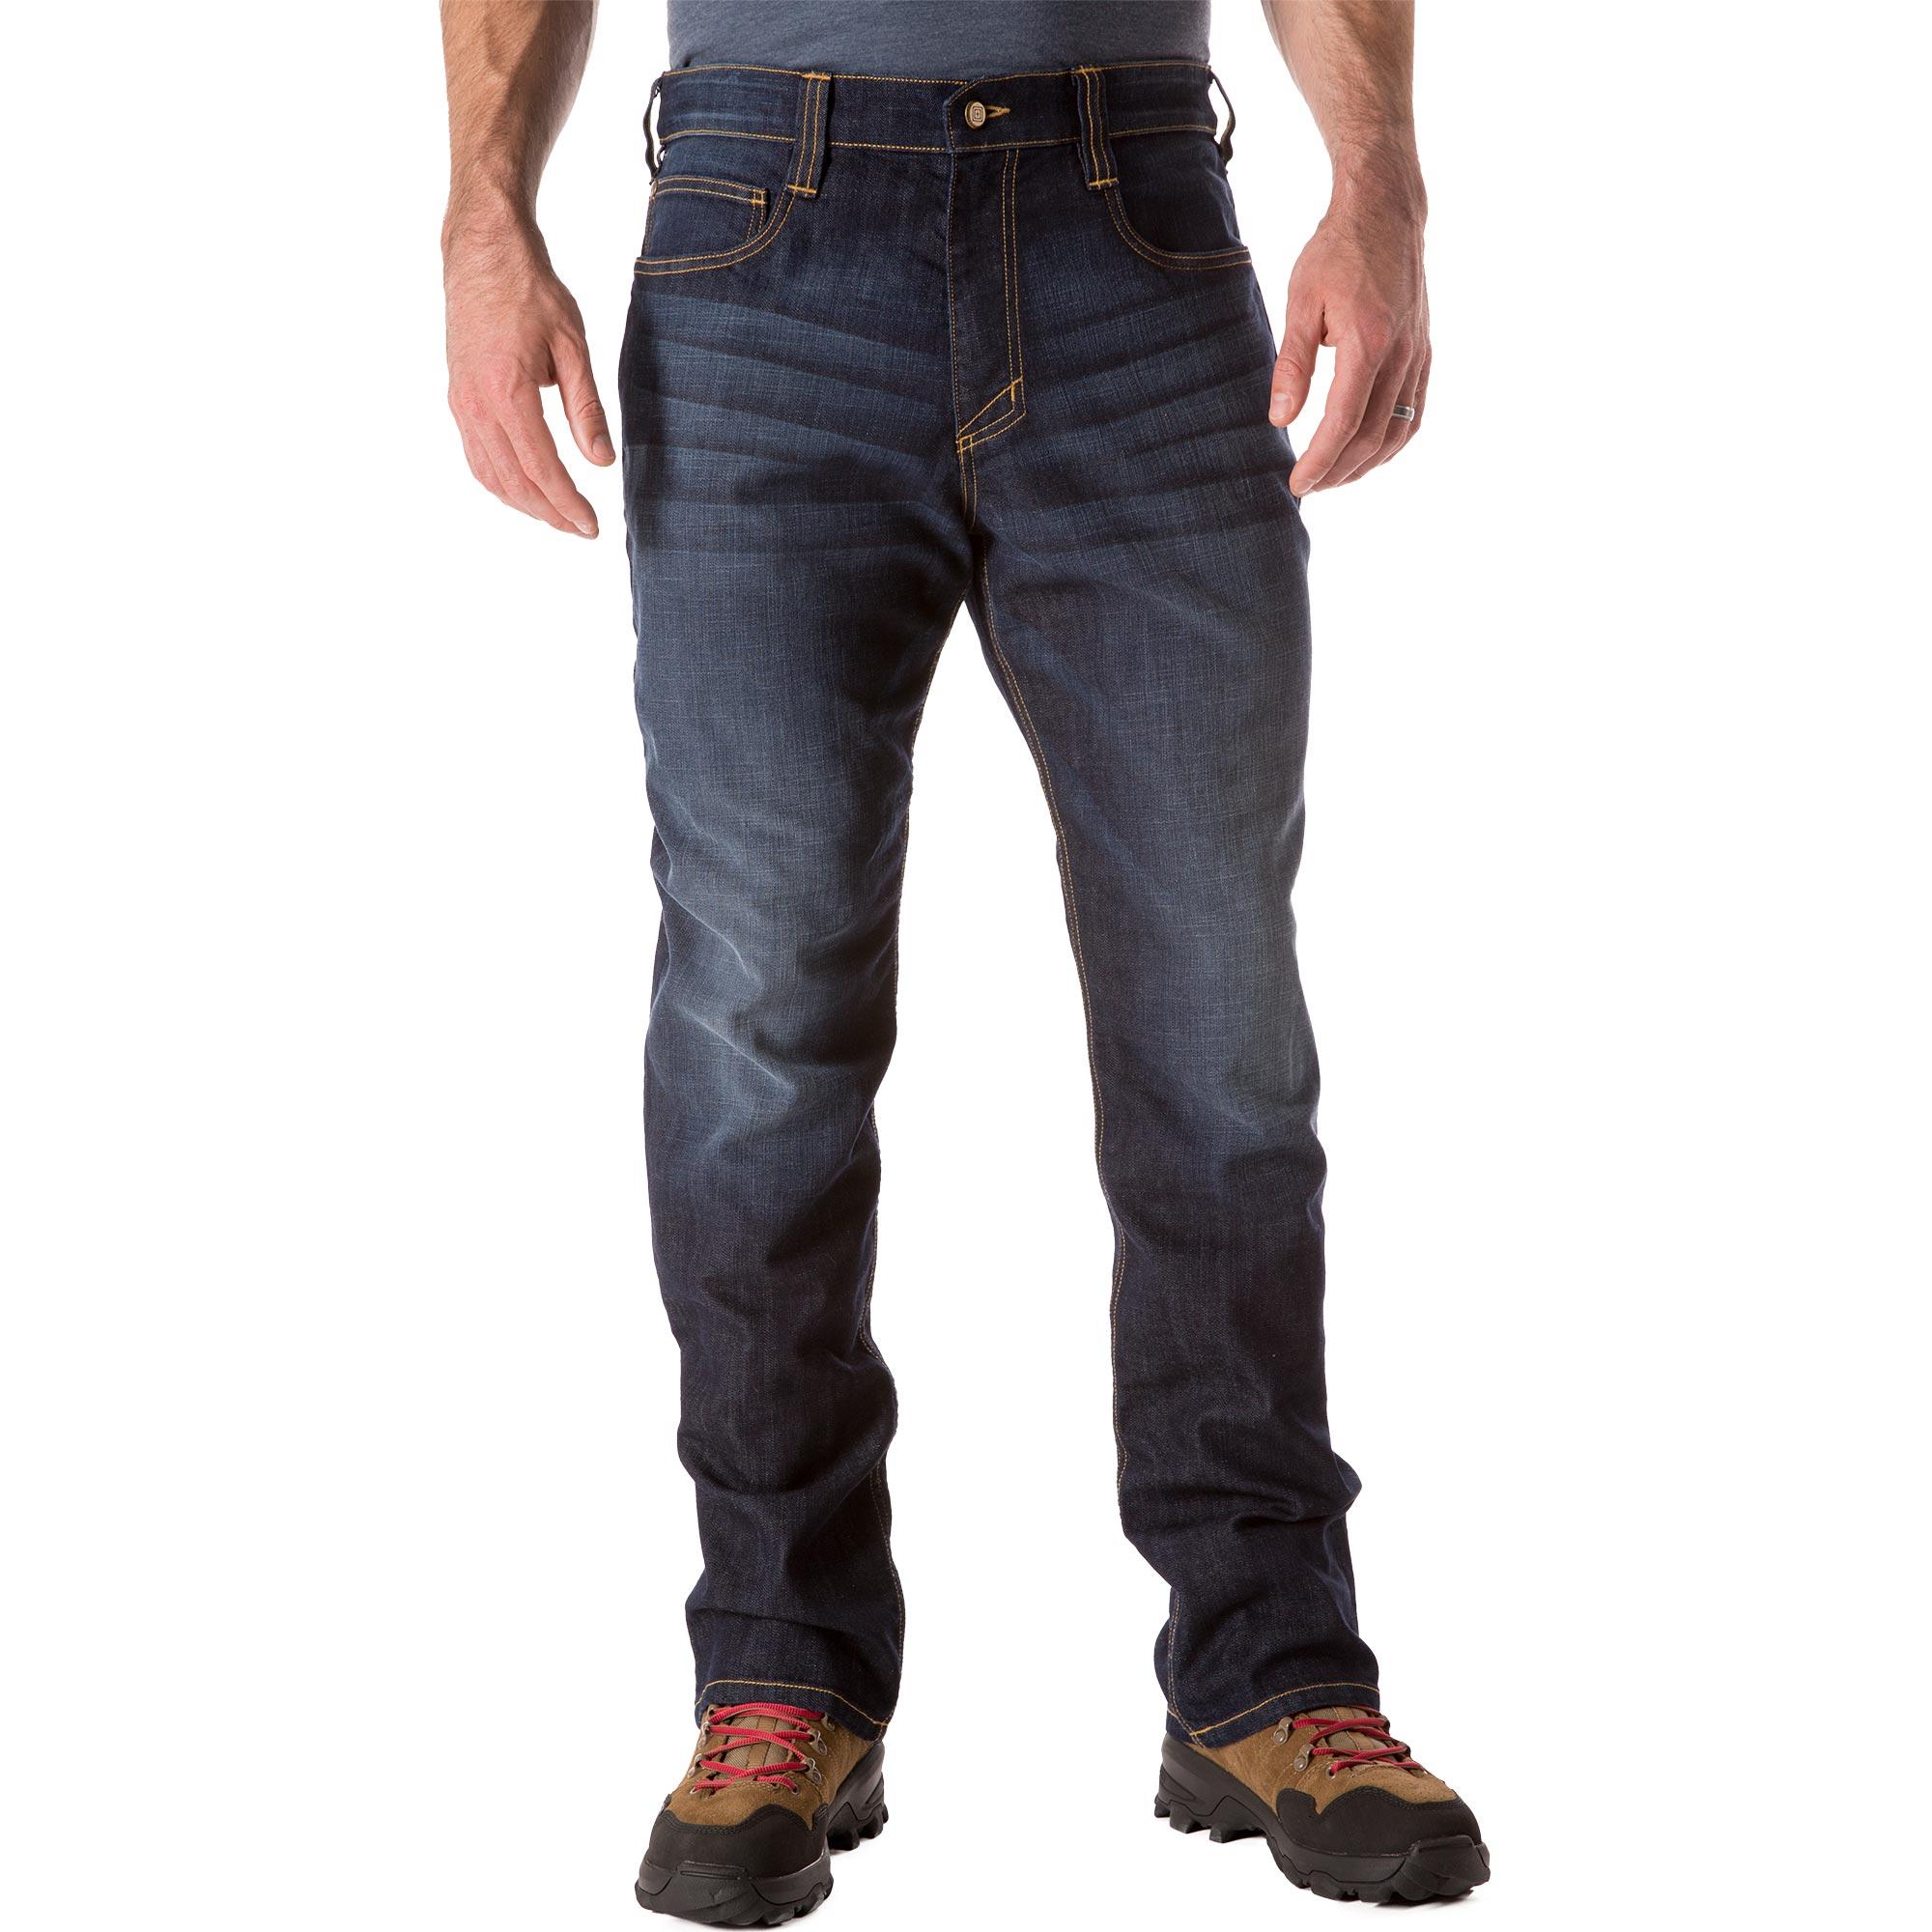 Defender Flex Jeans